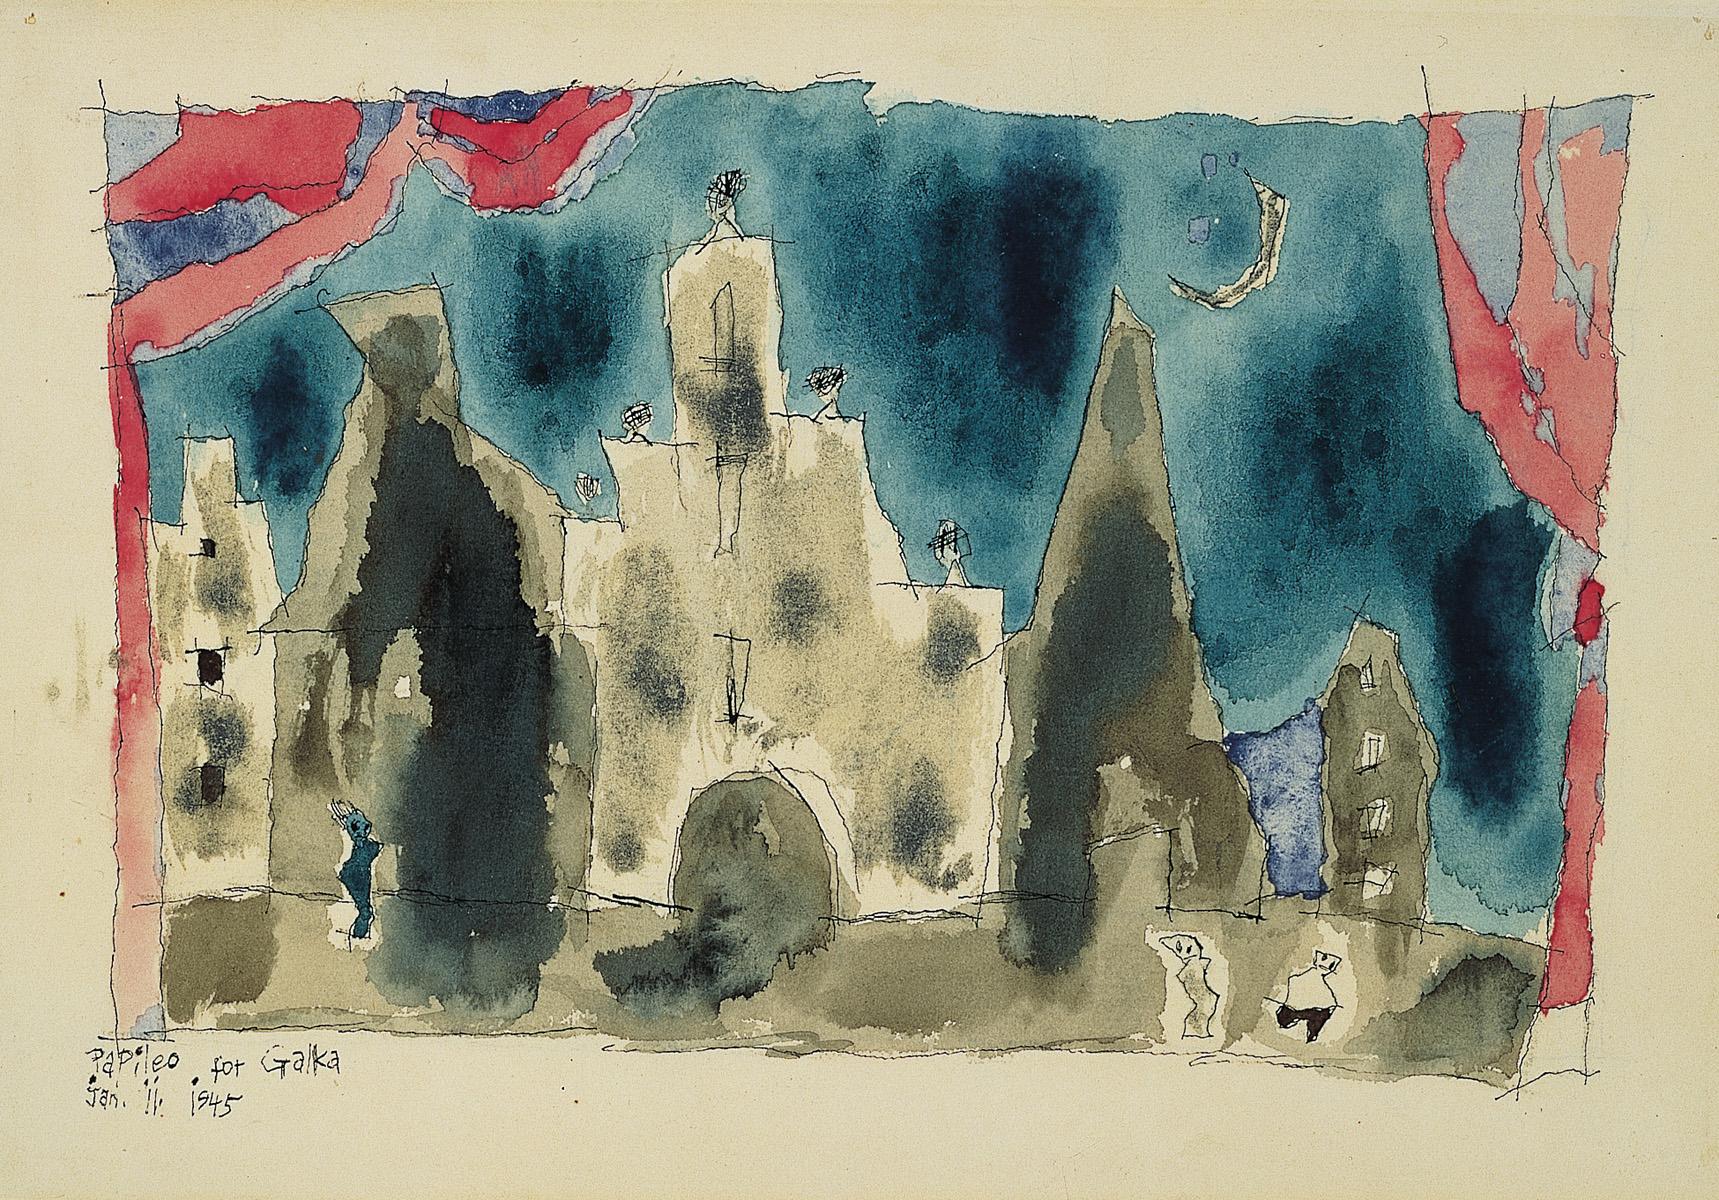 feininger_untitled 1945